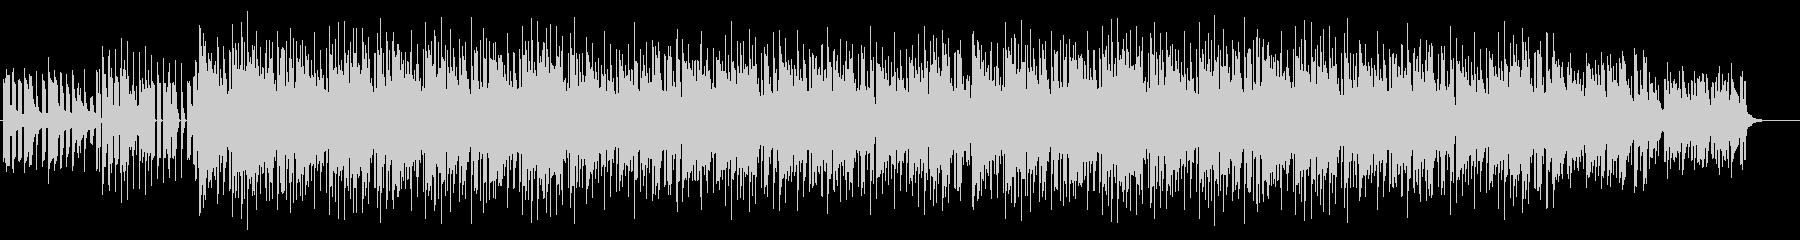 おしゃれな四つ打ち木琴BGMの未再生の波形